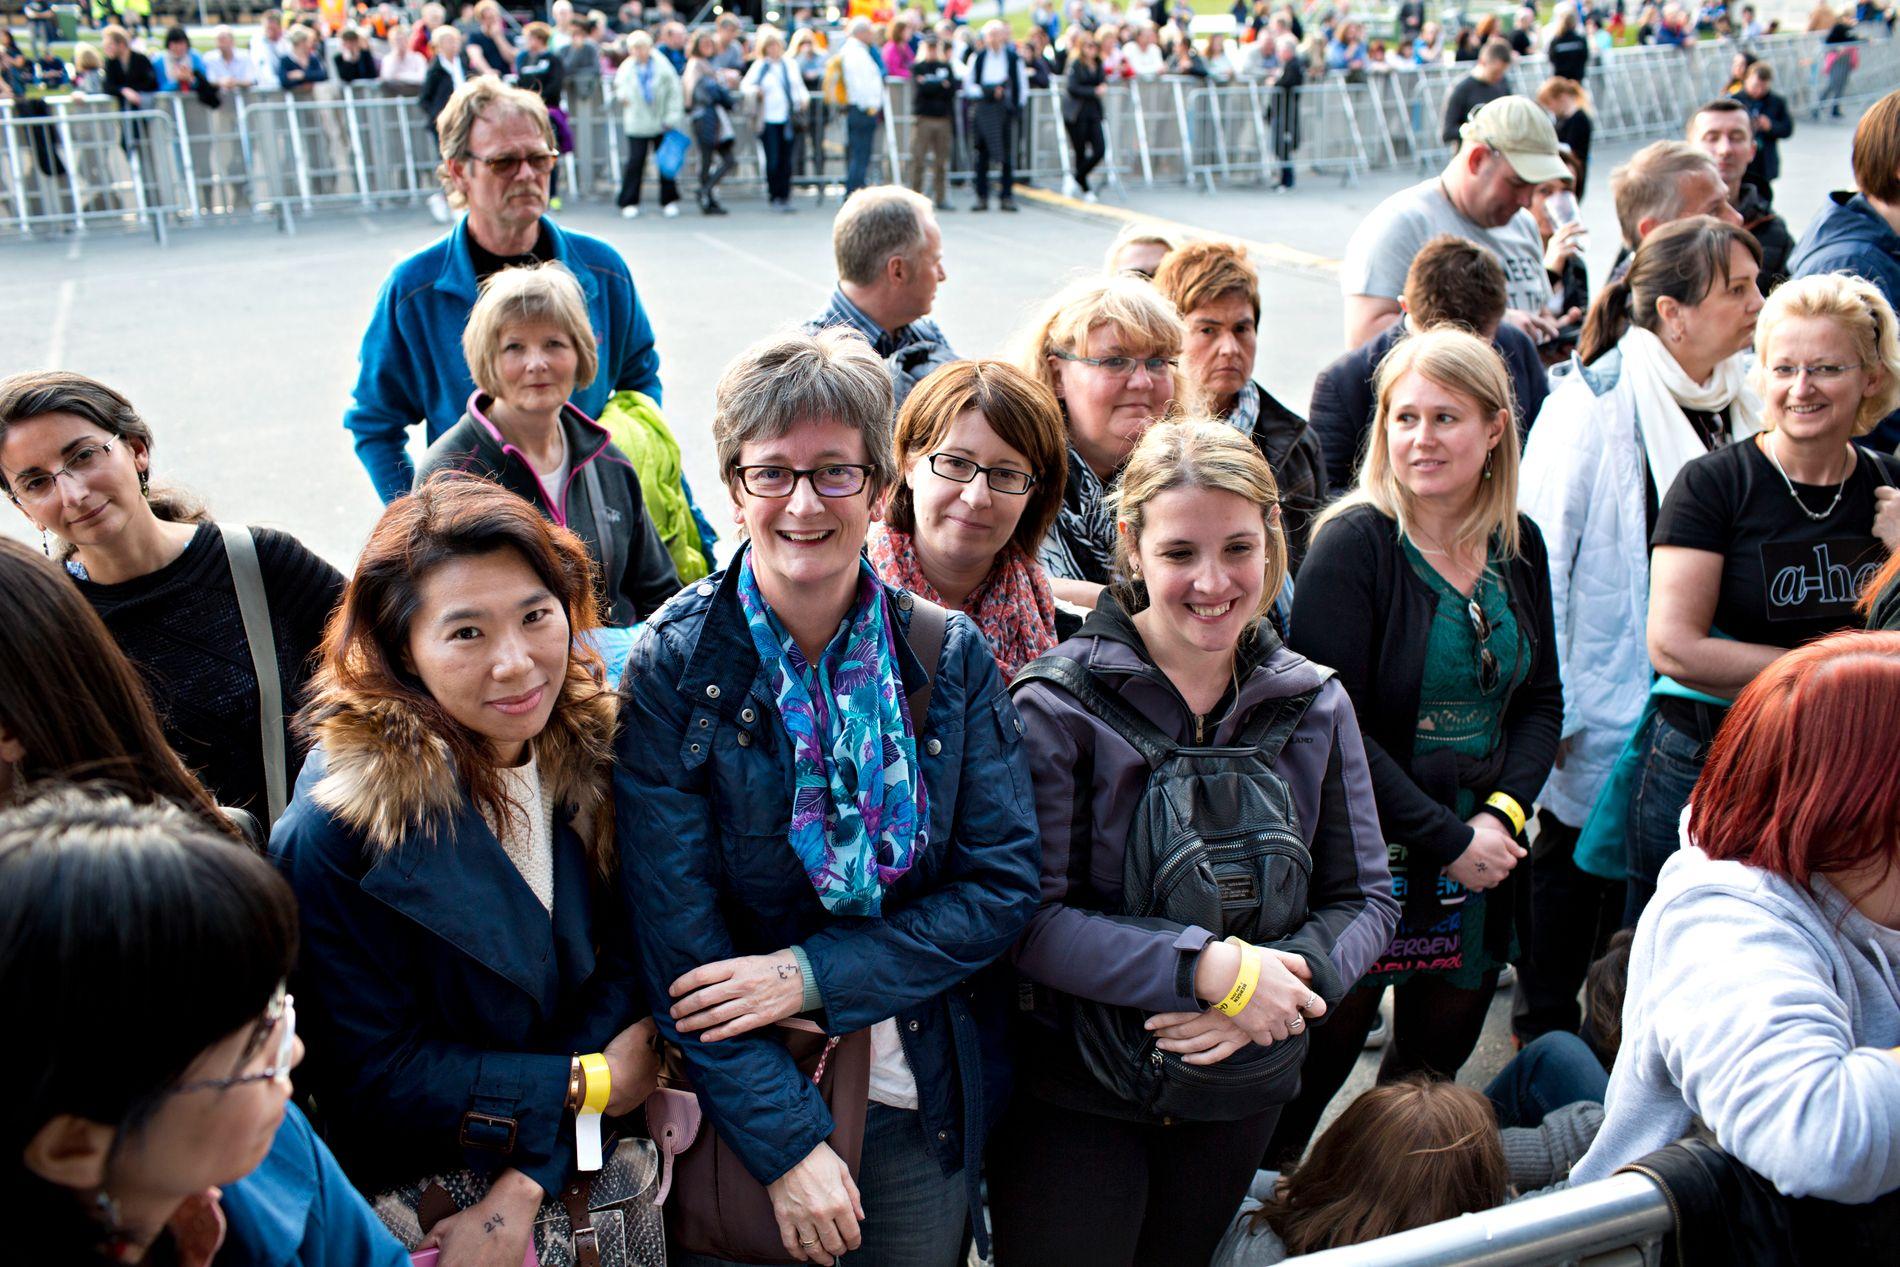 LANGVEISFRA: Ved scenekanten står (fra v.) Yentung Chan fra Taiwan, Elizabeth West fra Storbritannia, Claudia Armer fra Tyskland og Laura Enriquez fra Argentina. Alle har reist ens ærend til Bergen for å se A-ha.